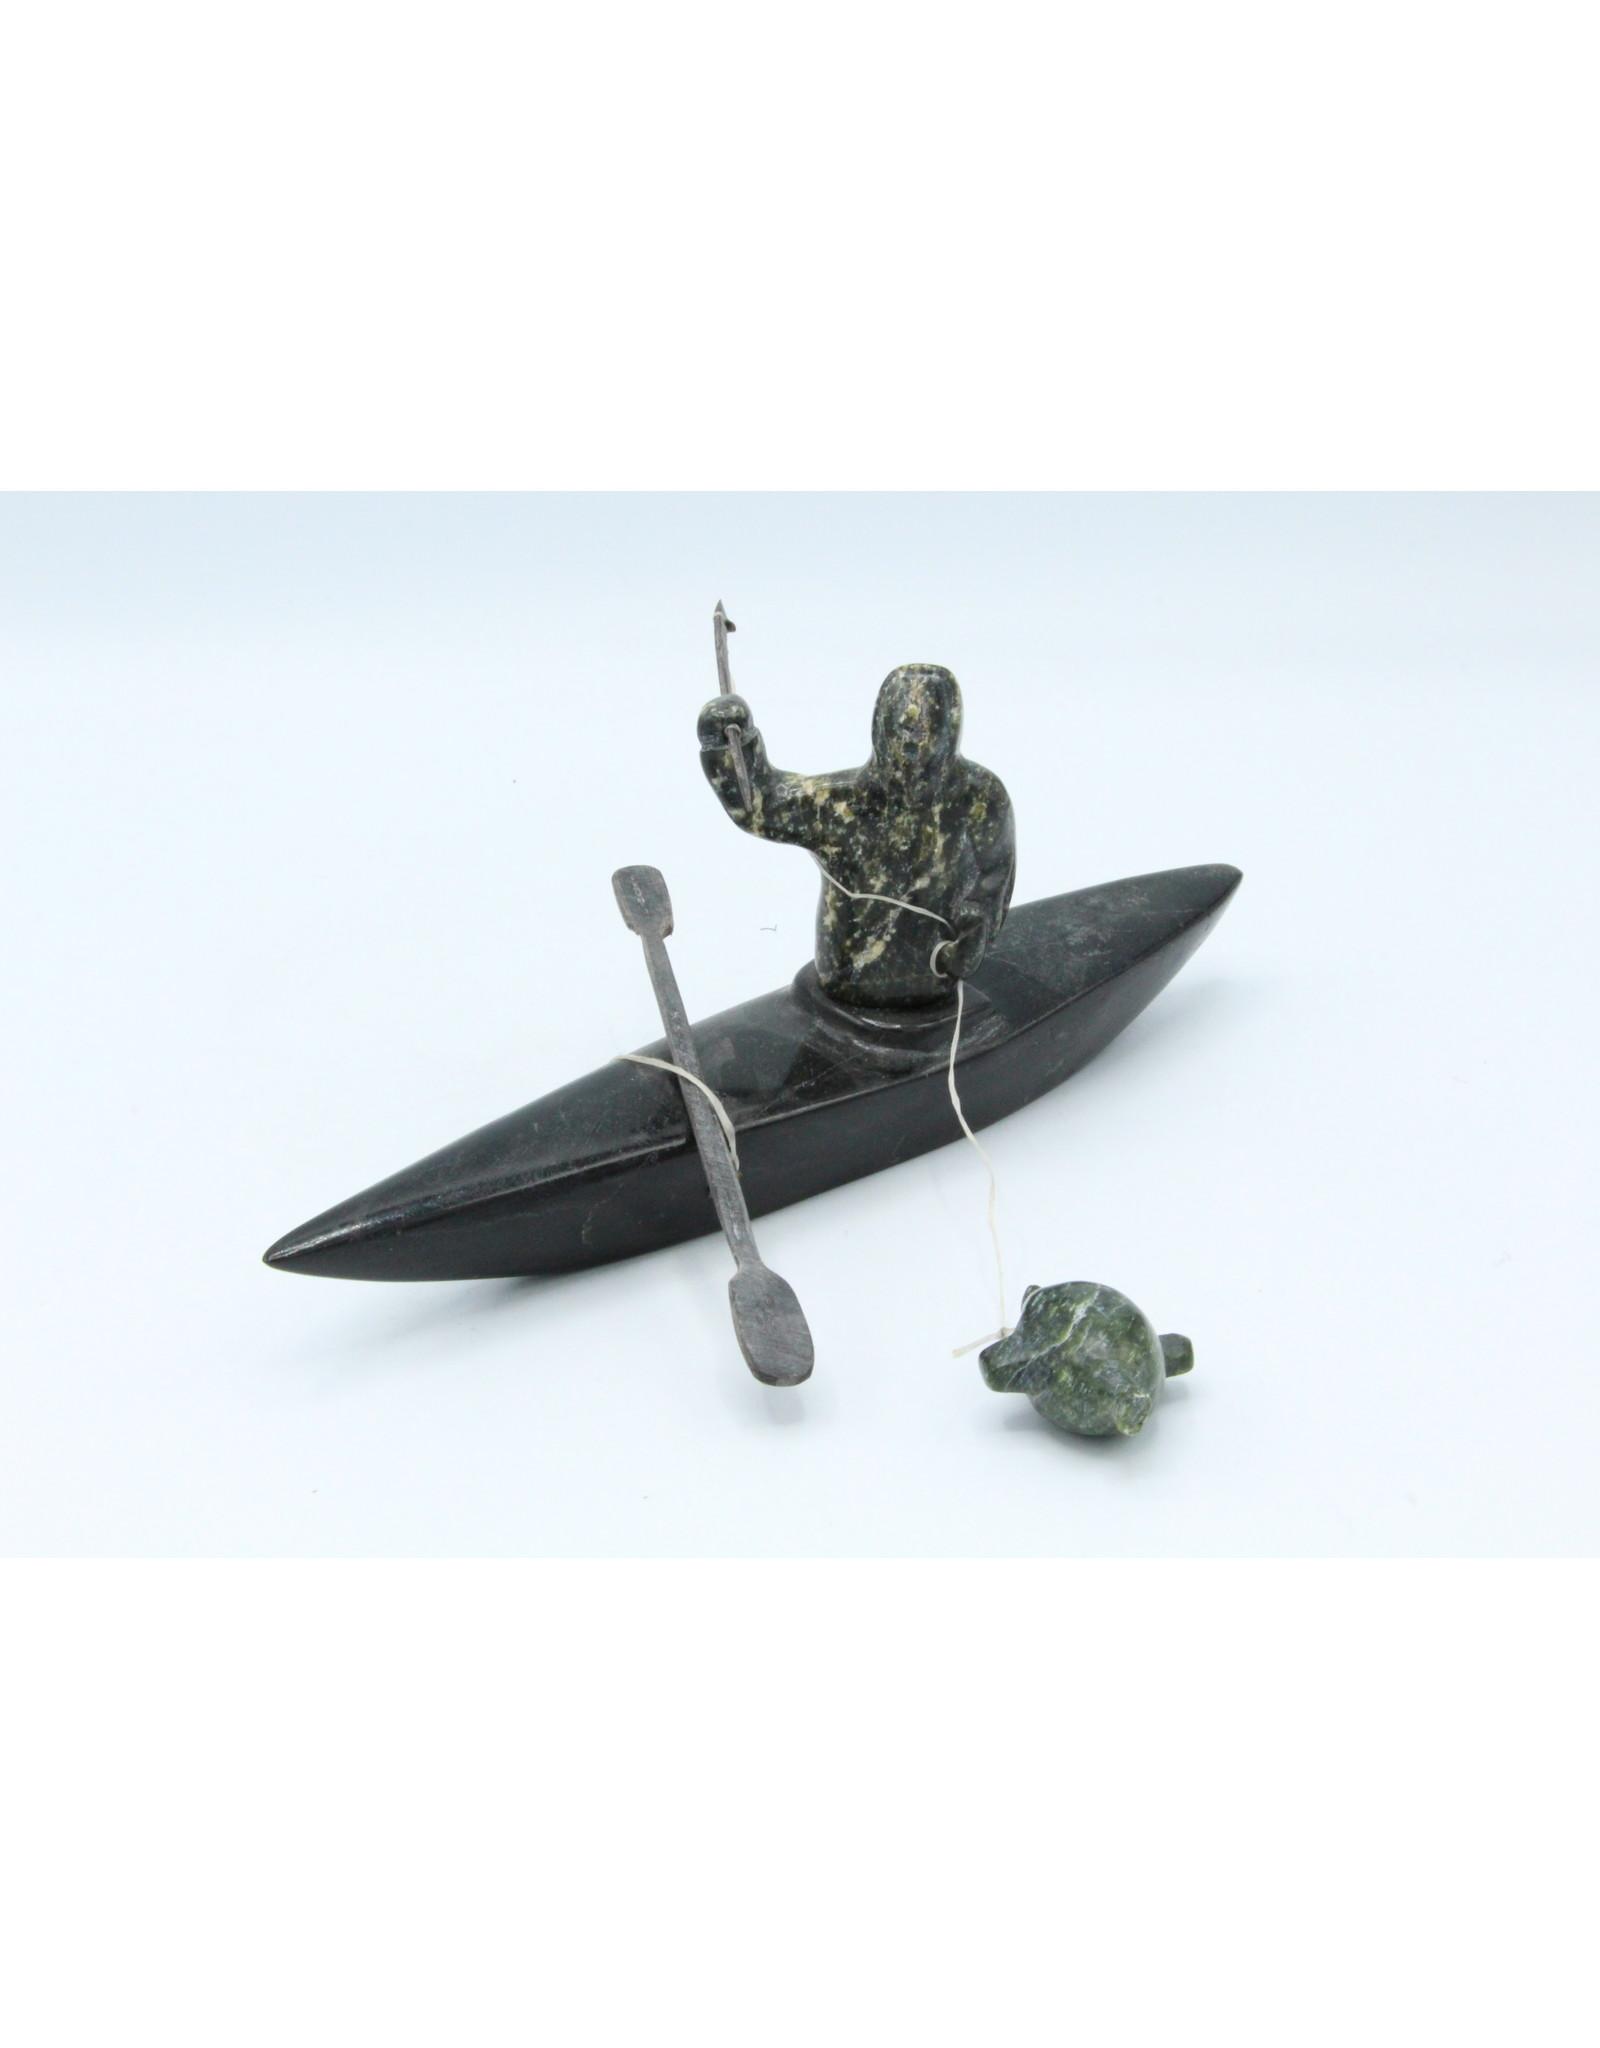 61797 Kayak by Pitts Qimirpik